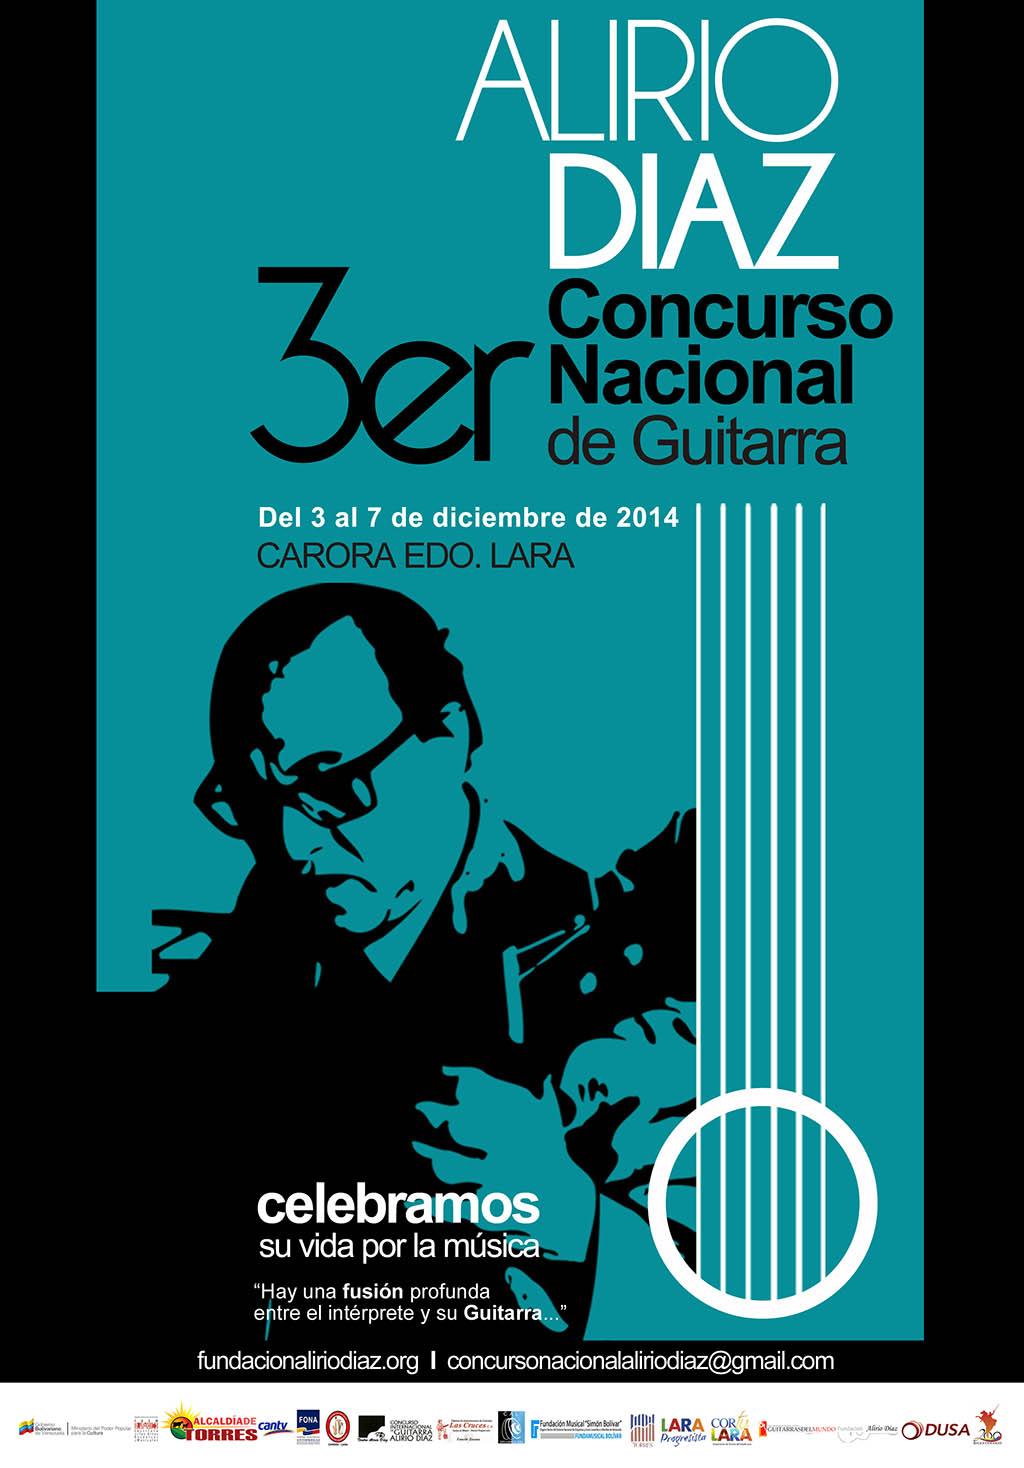 Guitarristas jóvenes del país competirán bajo la egida del maestro Alirio Díaz